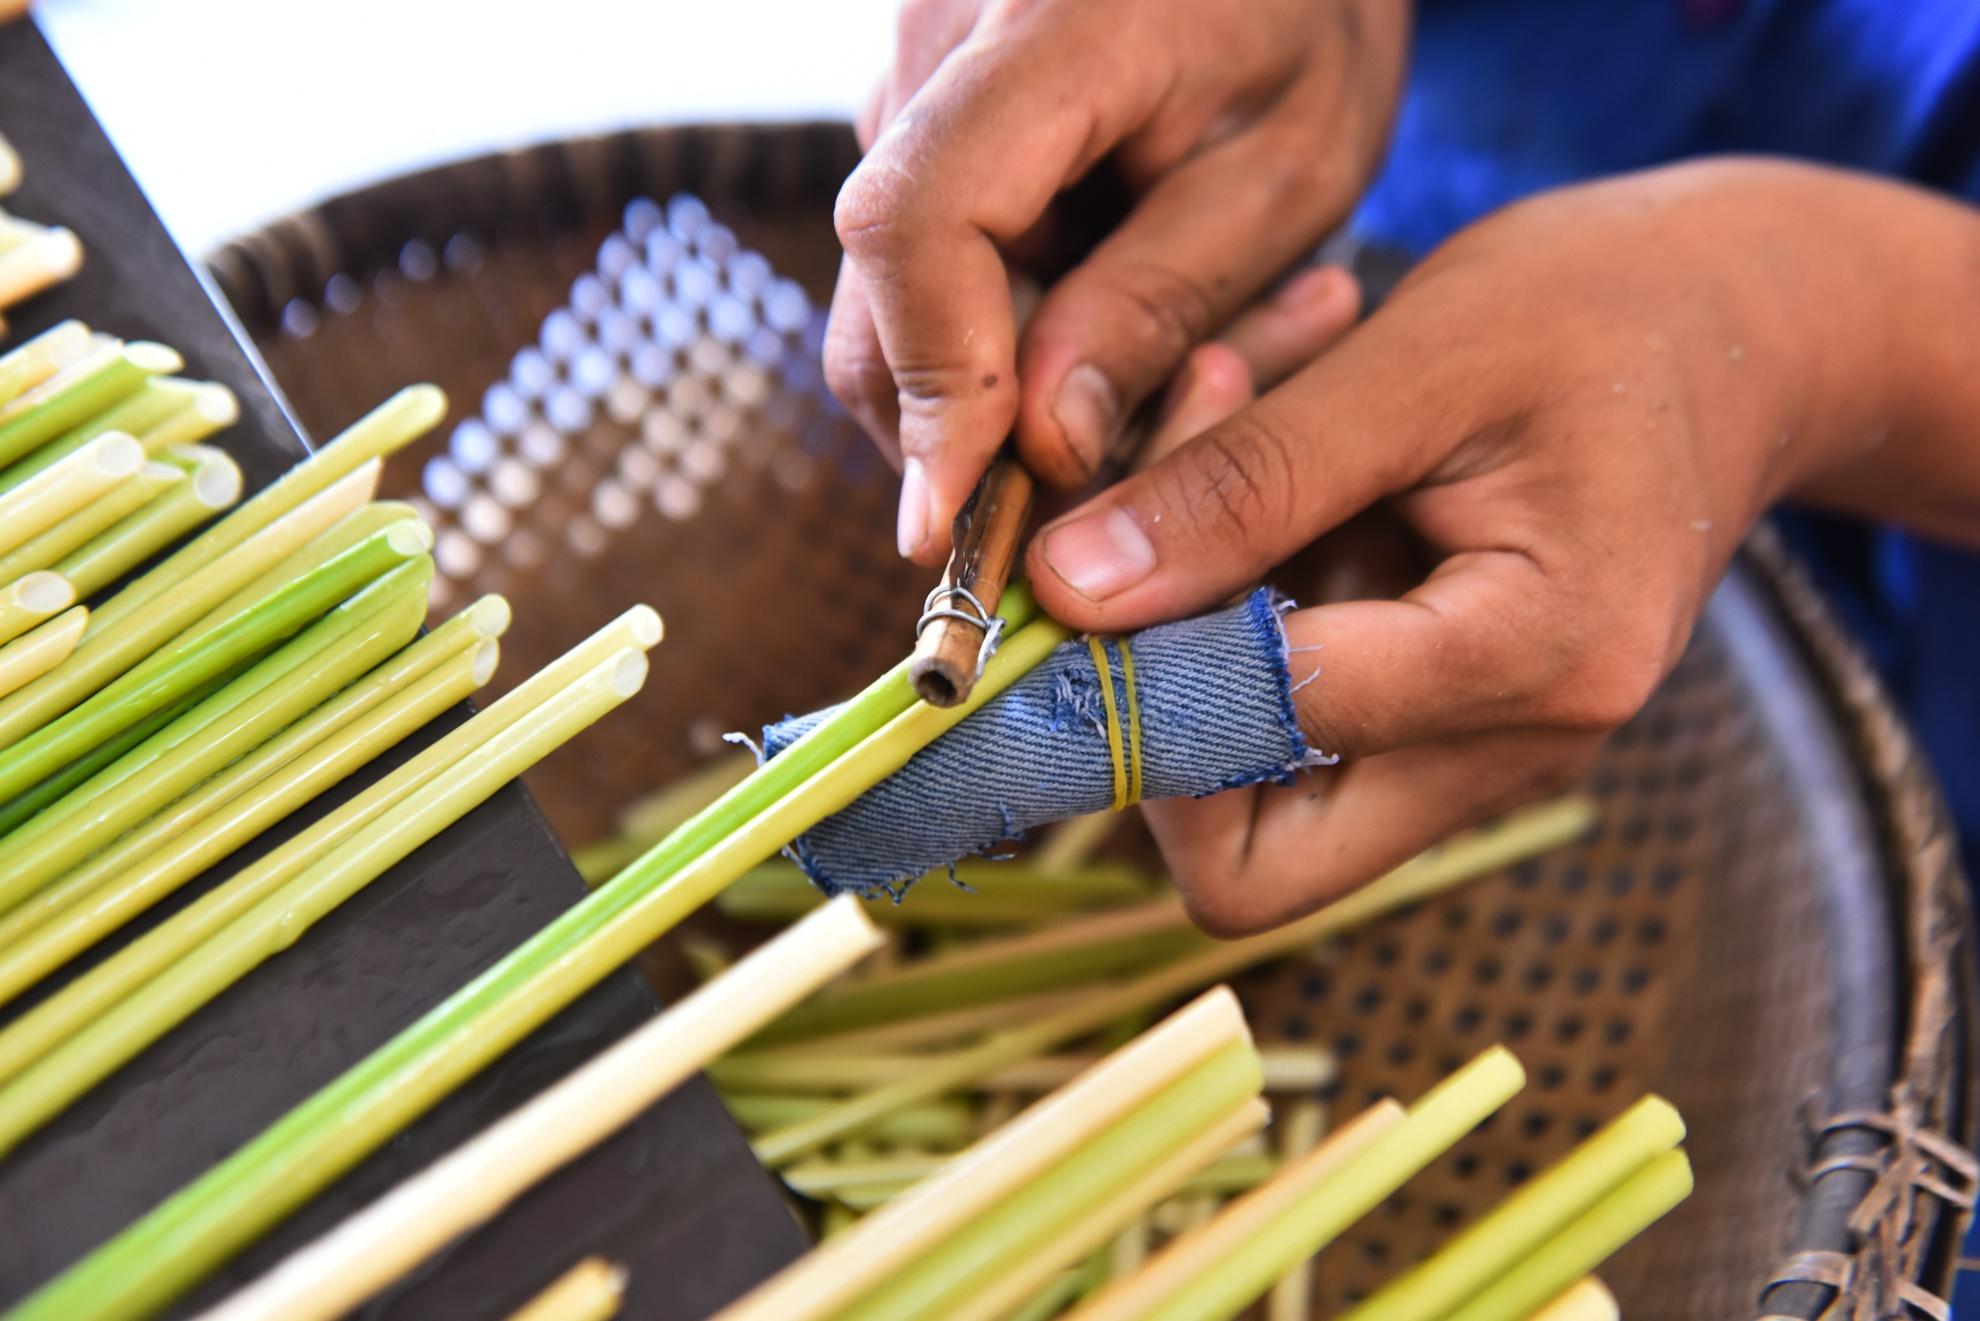 Chang nong dan 'khung' va giac mo ong hut tre hinh anh 21